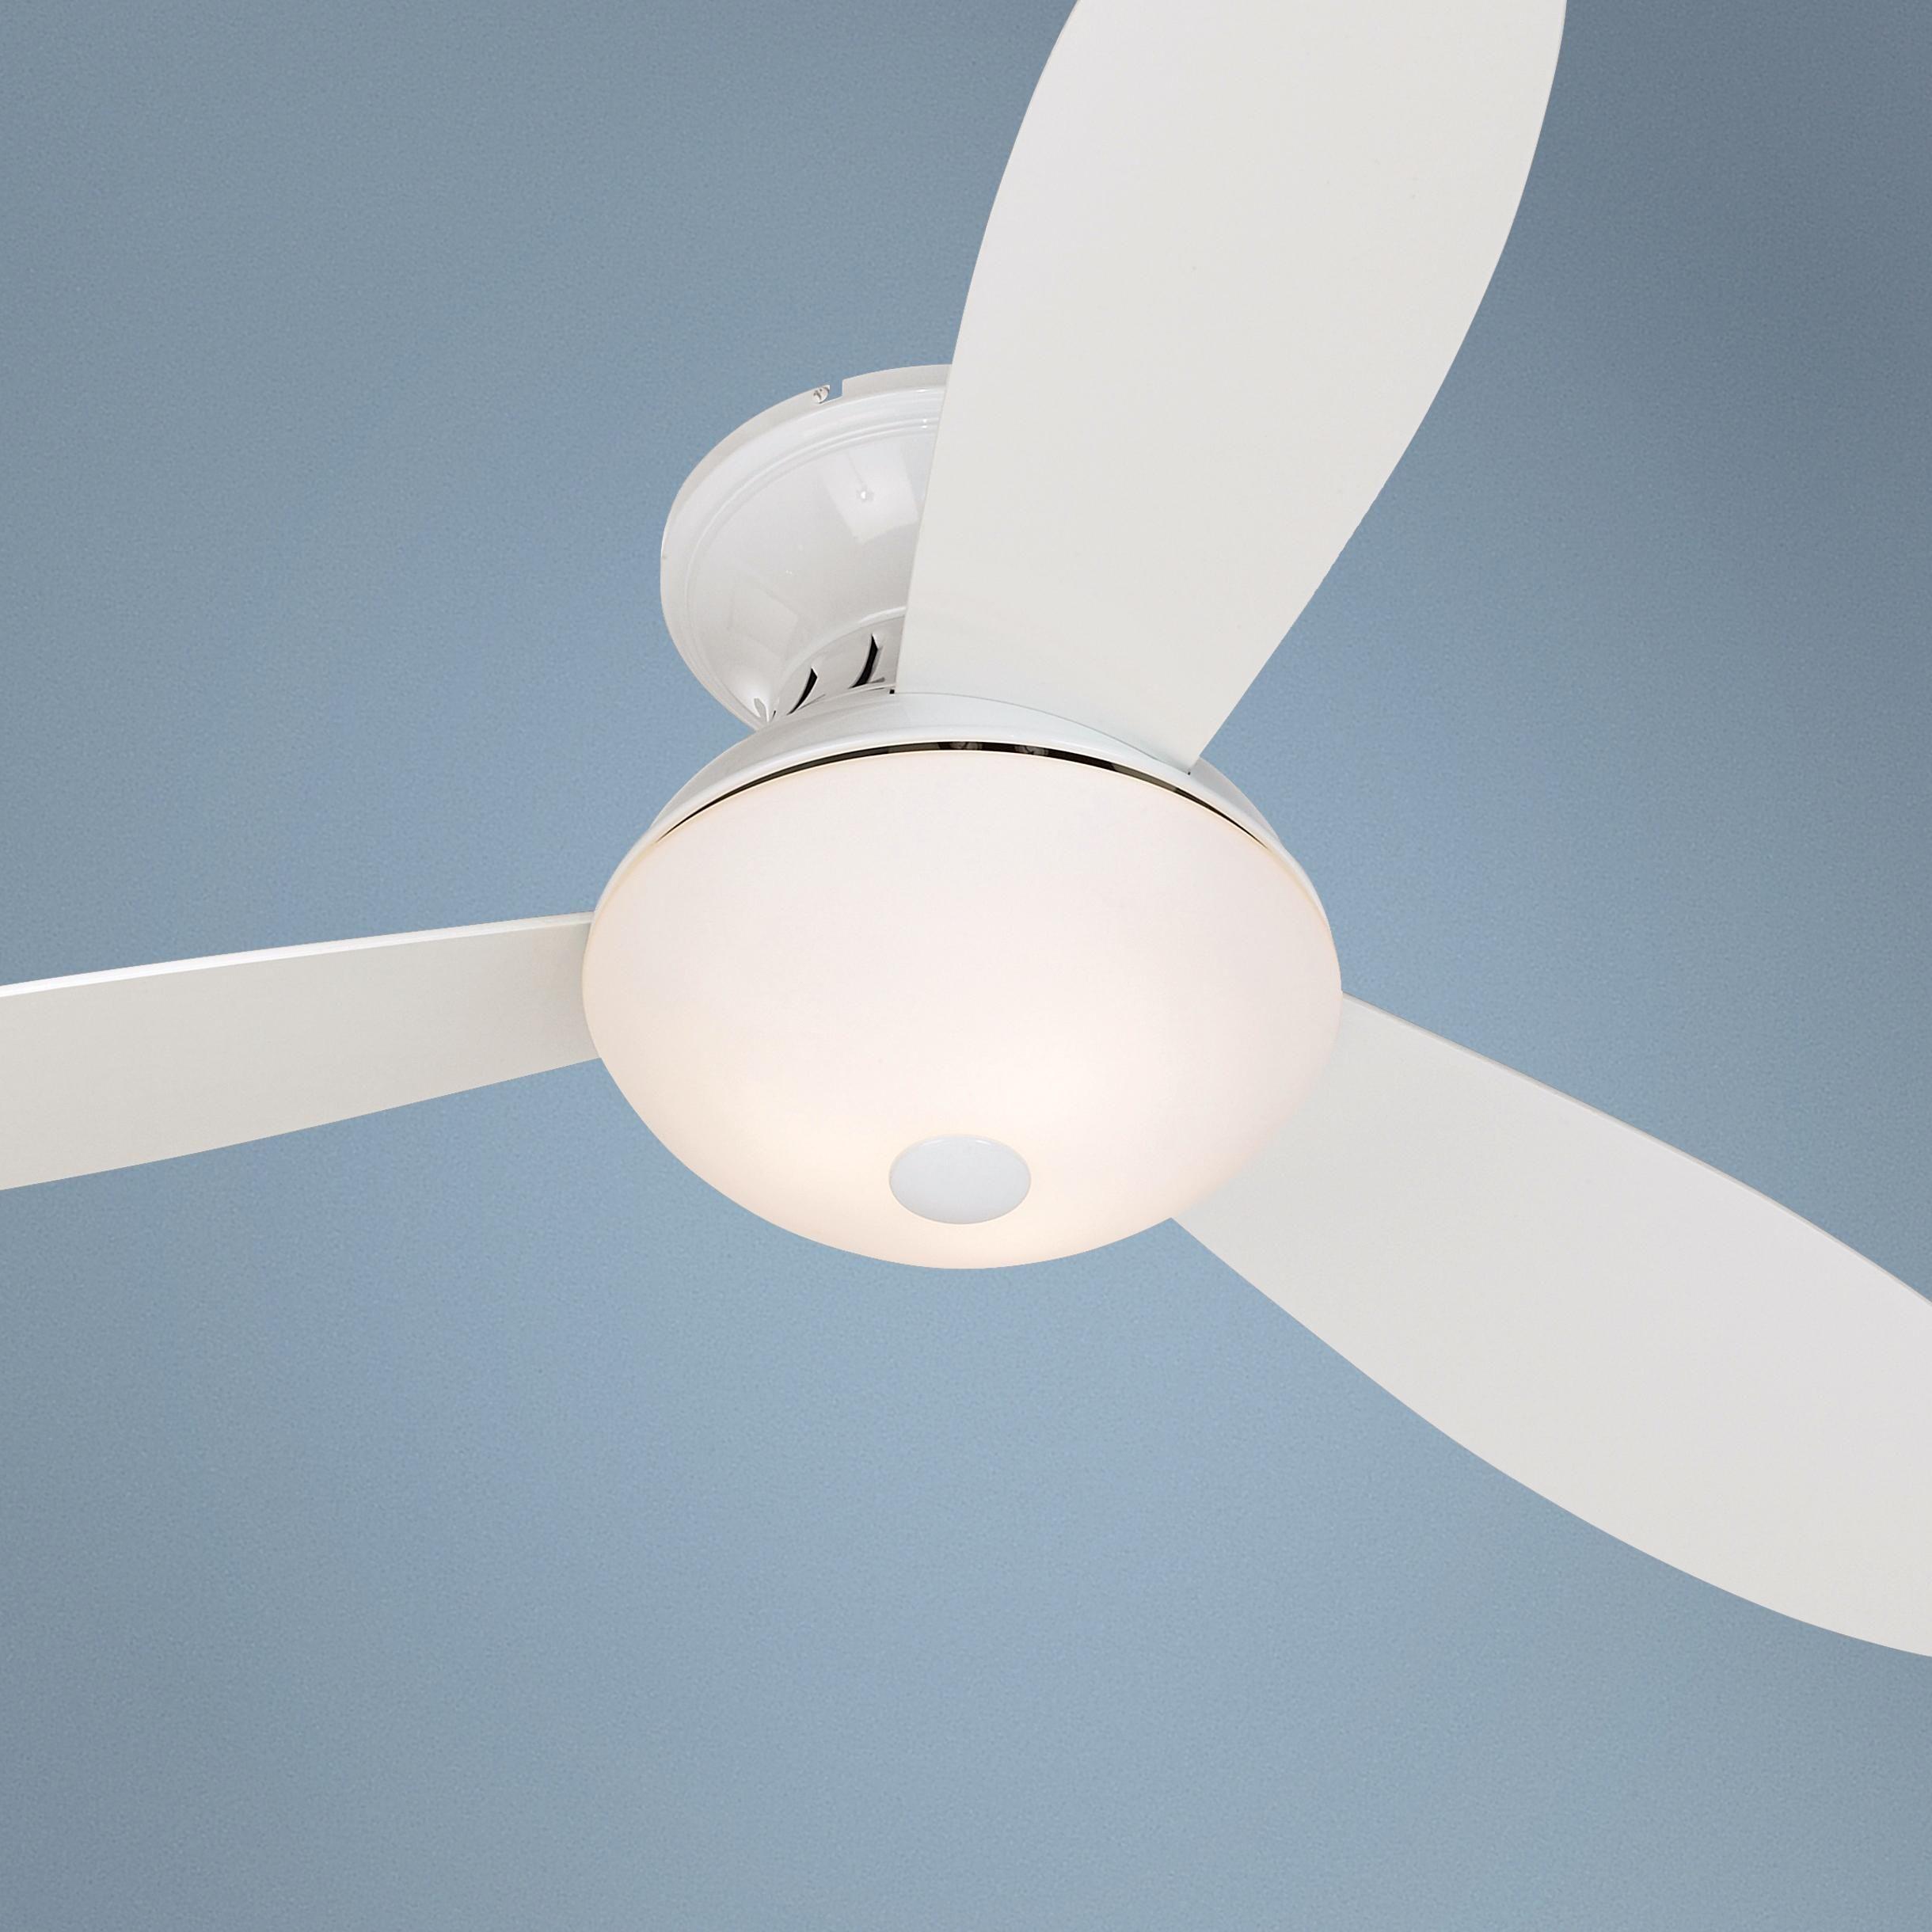 Possini Euro Design 44 Encore White Hugger Ceiling Fan Ceiling Fan Hugger Ceiling Fan Possini Euro Design